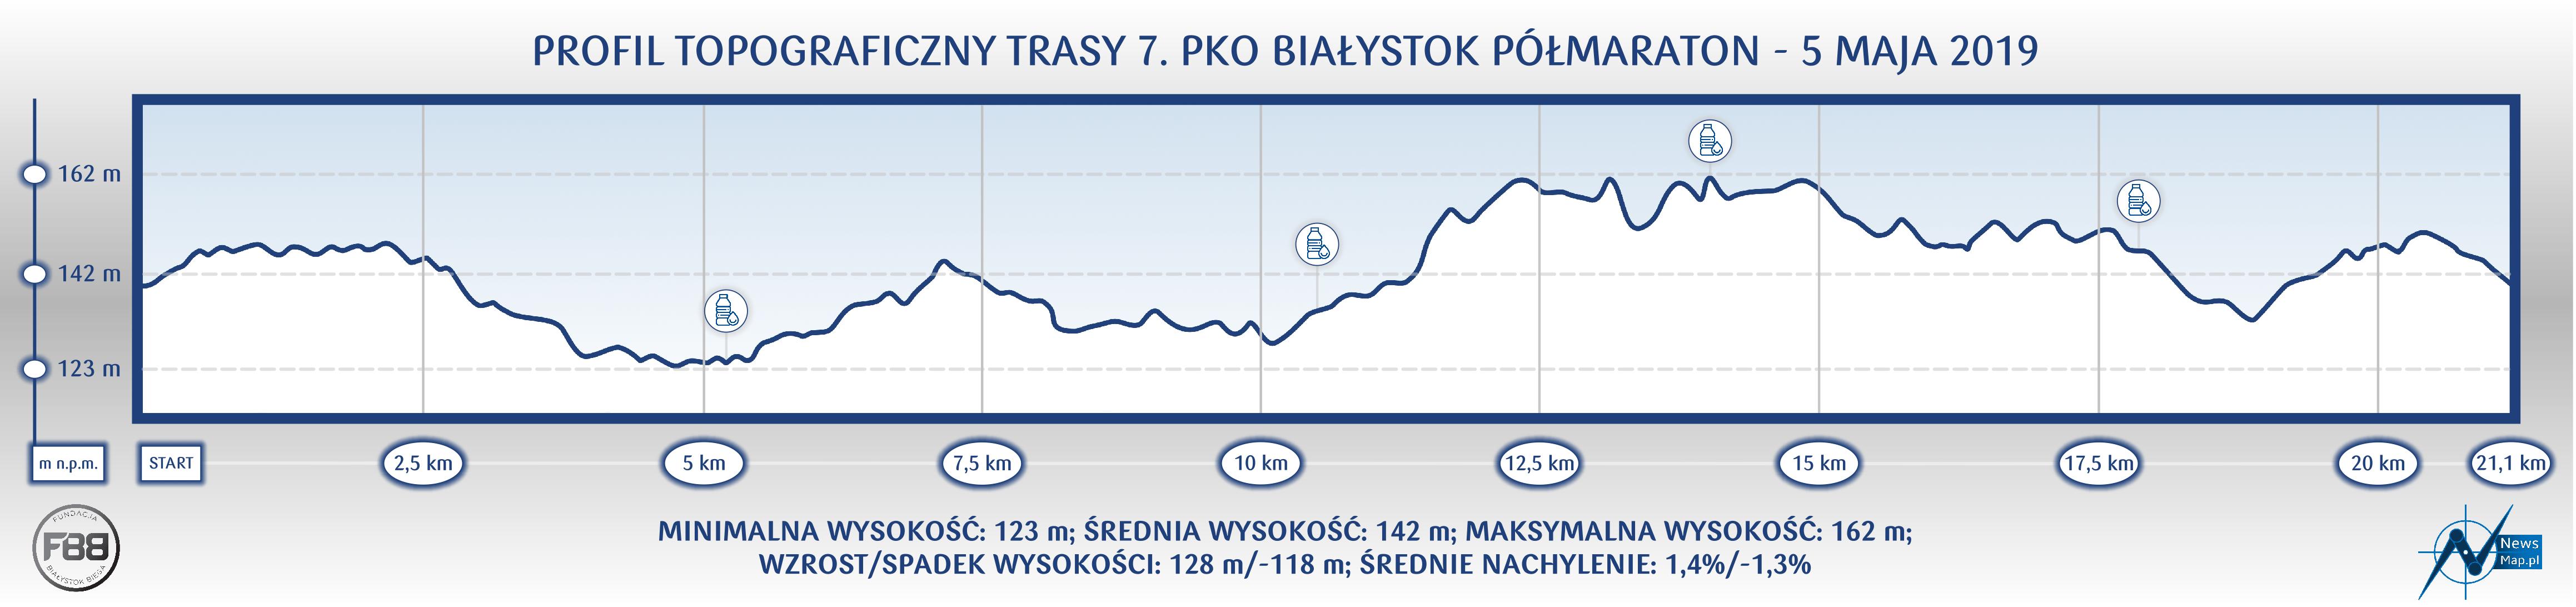 7. PKO Białystok Półmaraton - profil topograficzny